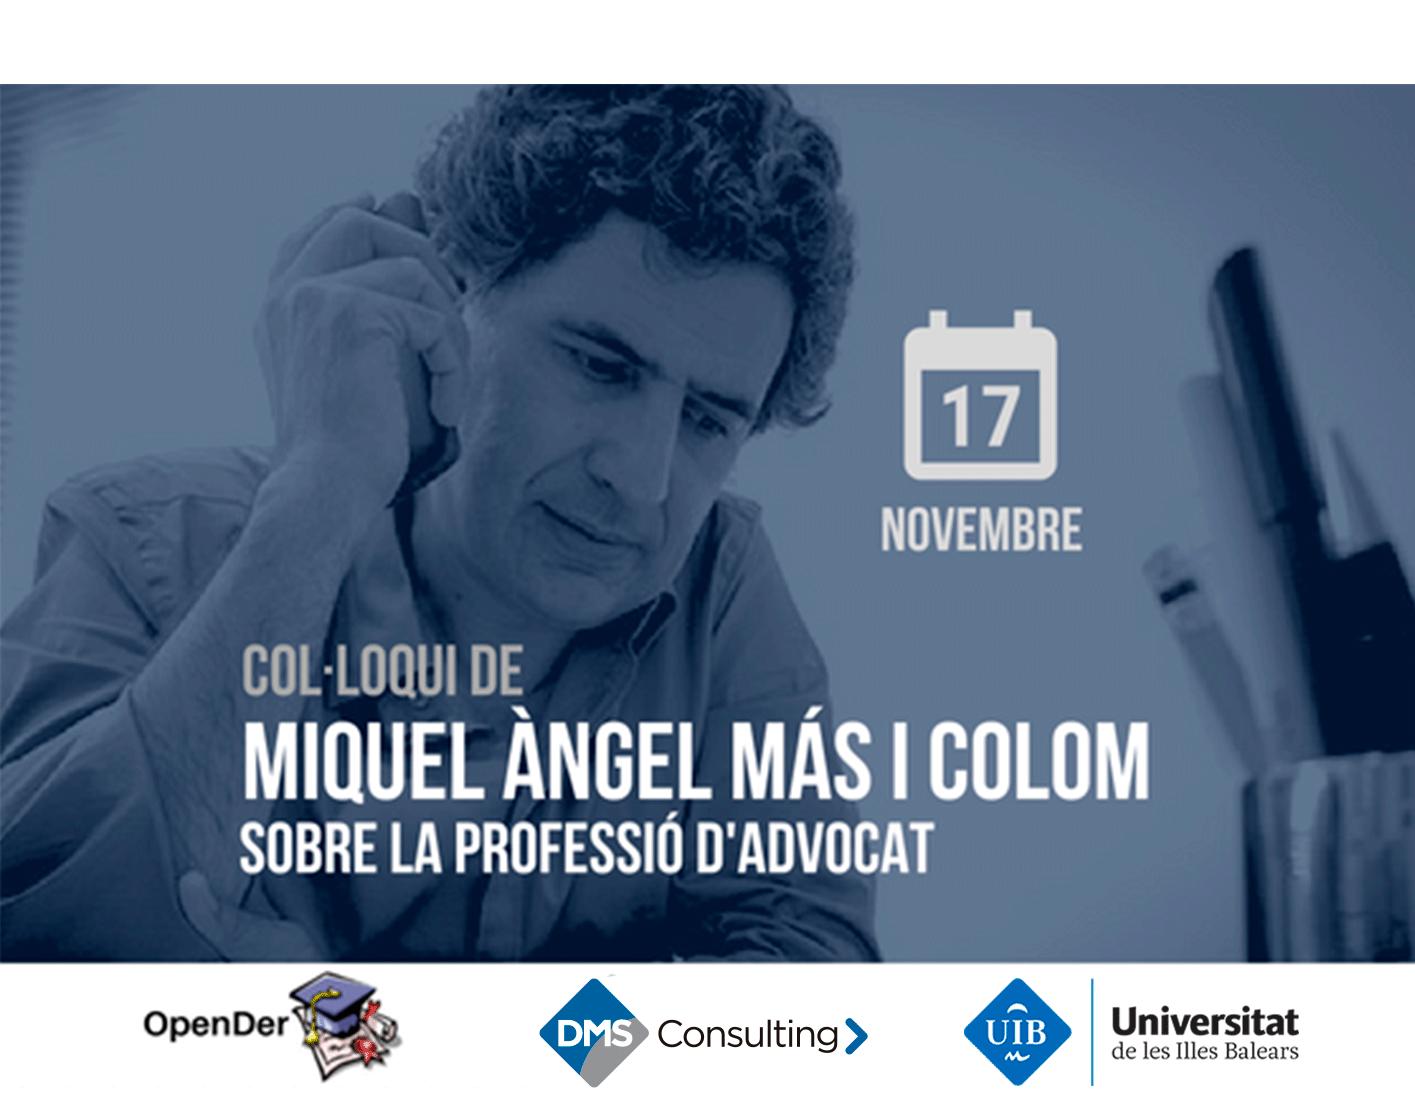 Col·loqui de Miquel Àngel Más sobre la professió d'advocat